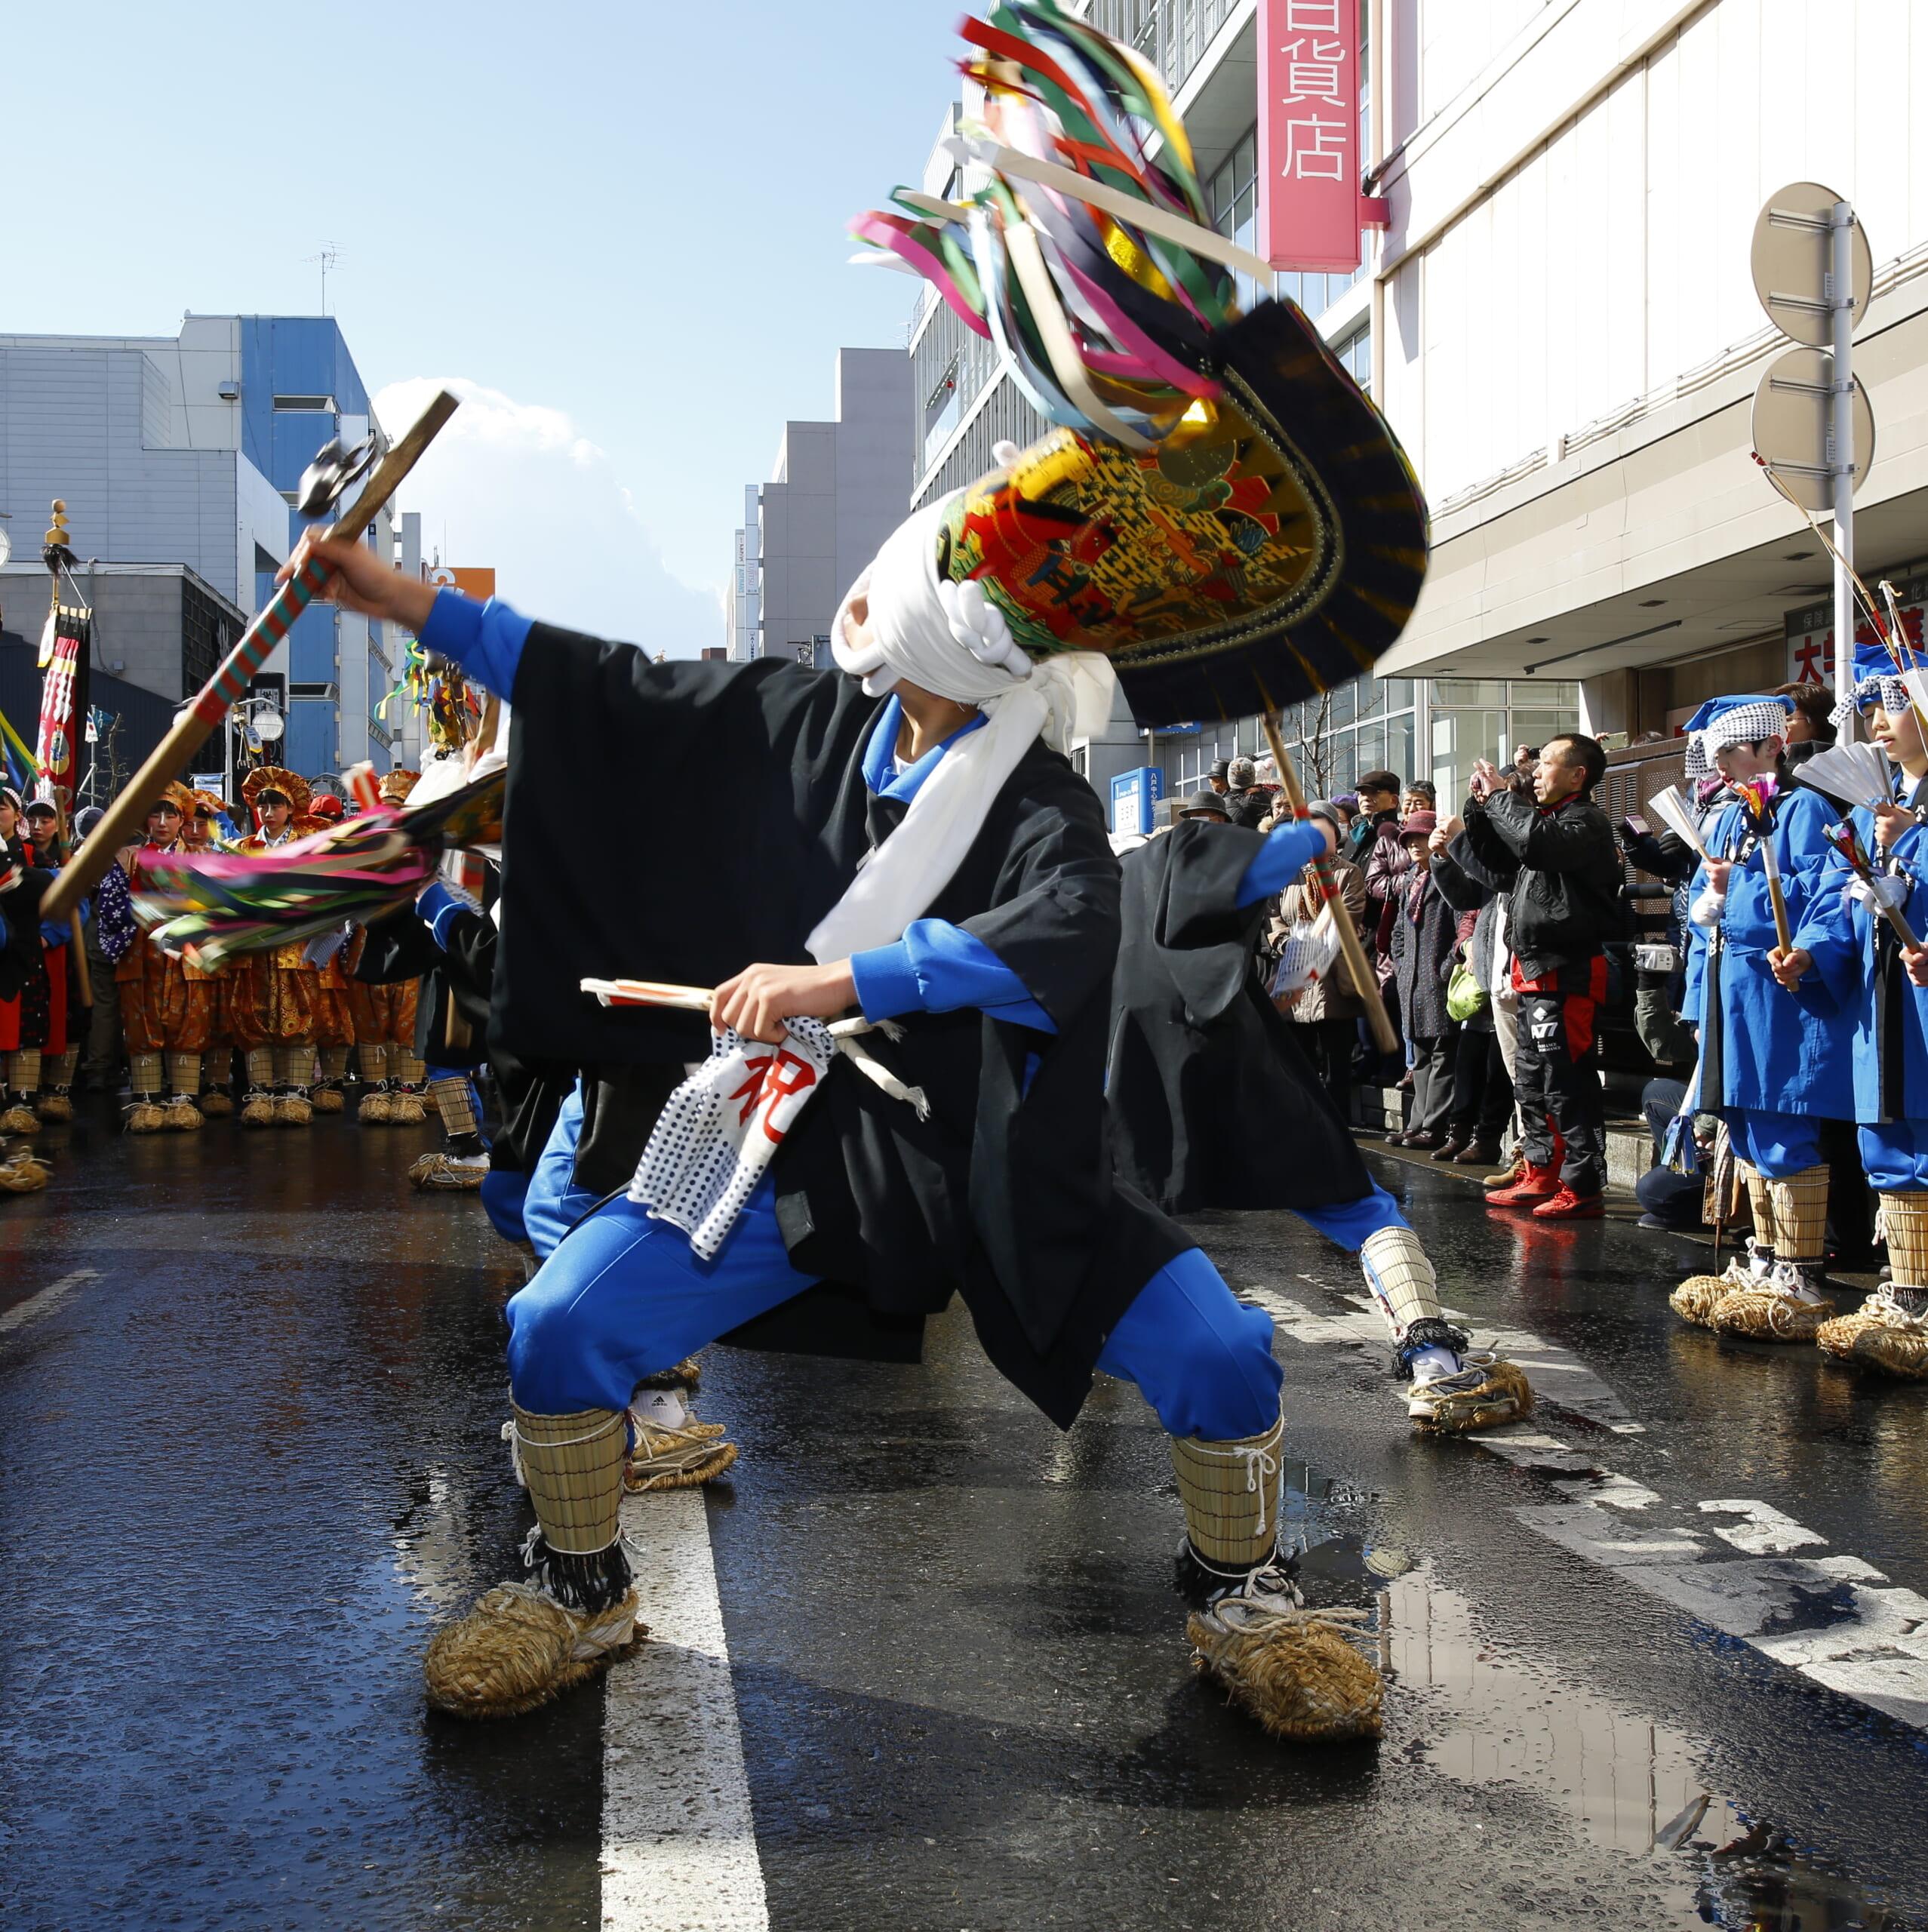 青森県八戸市「八戸えんぶり」<br />凍てつく大地を摺り、春を目覚めさせる